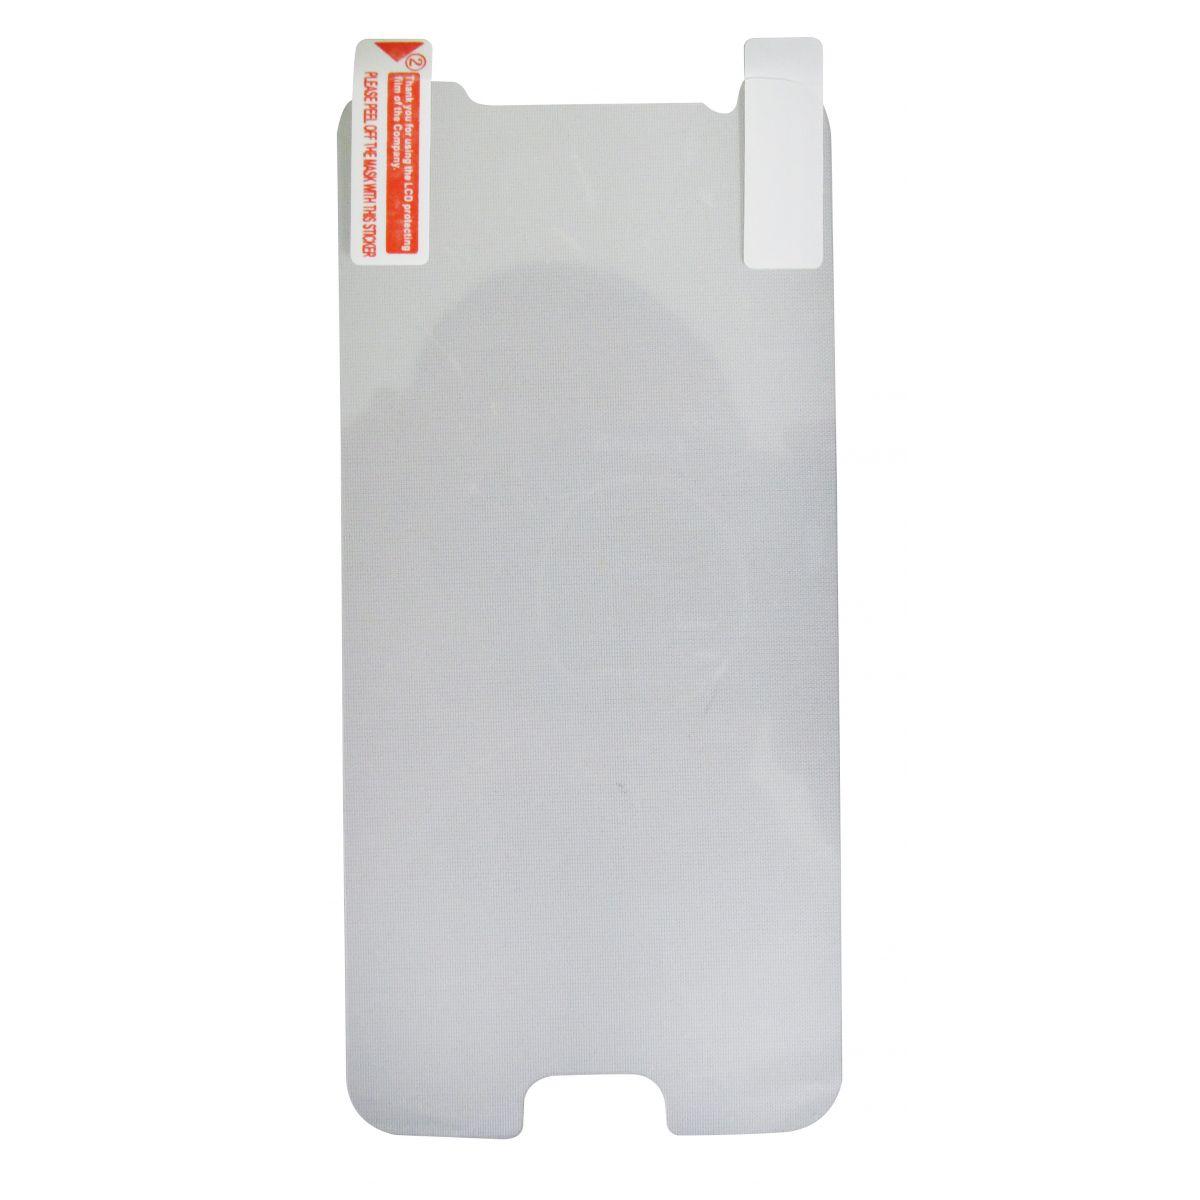 Película Protetora para Samsung Galaxy S6 SM-G920 - Fosca